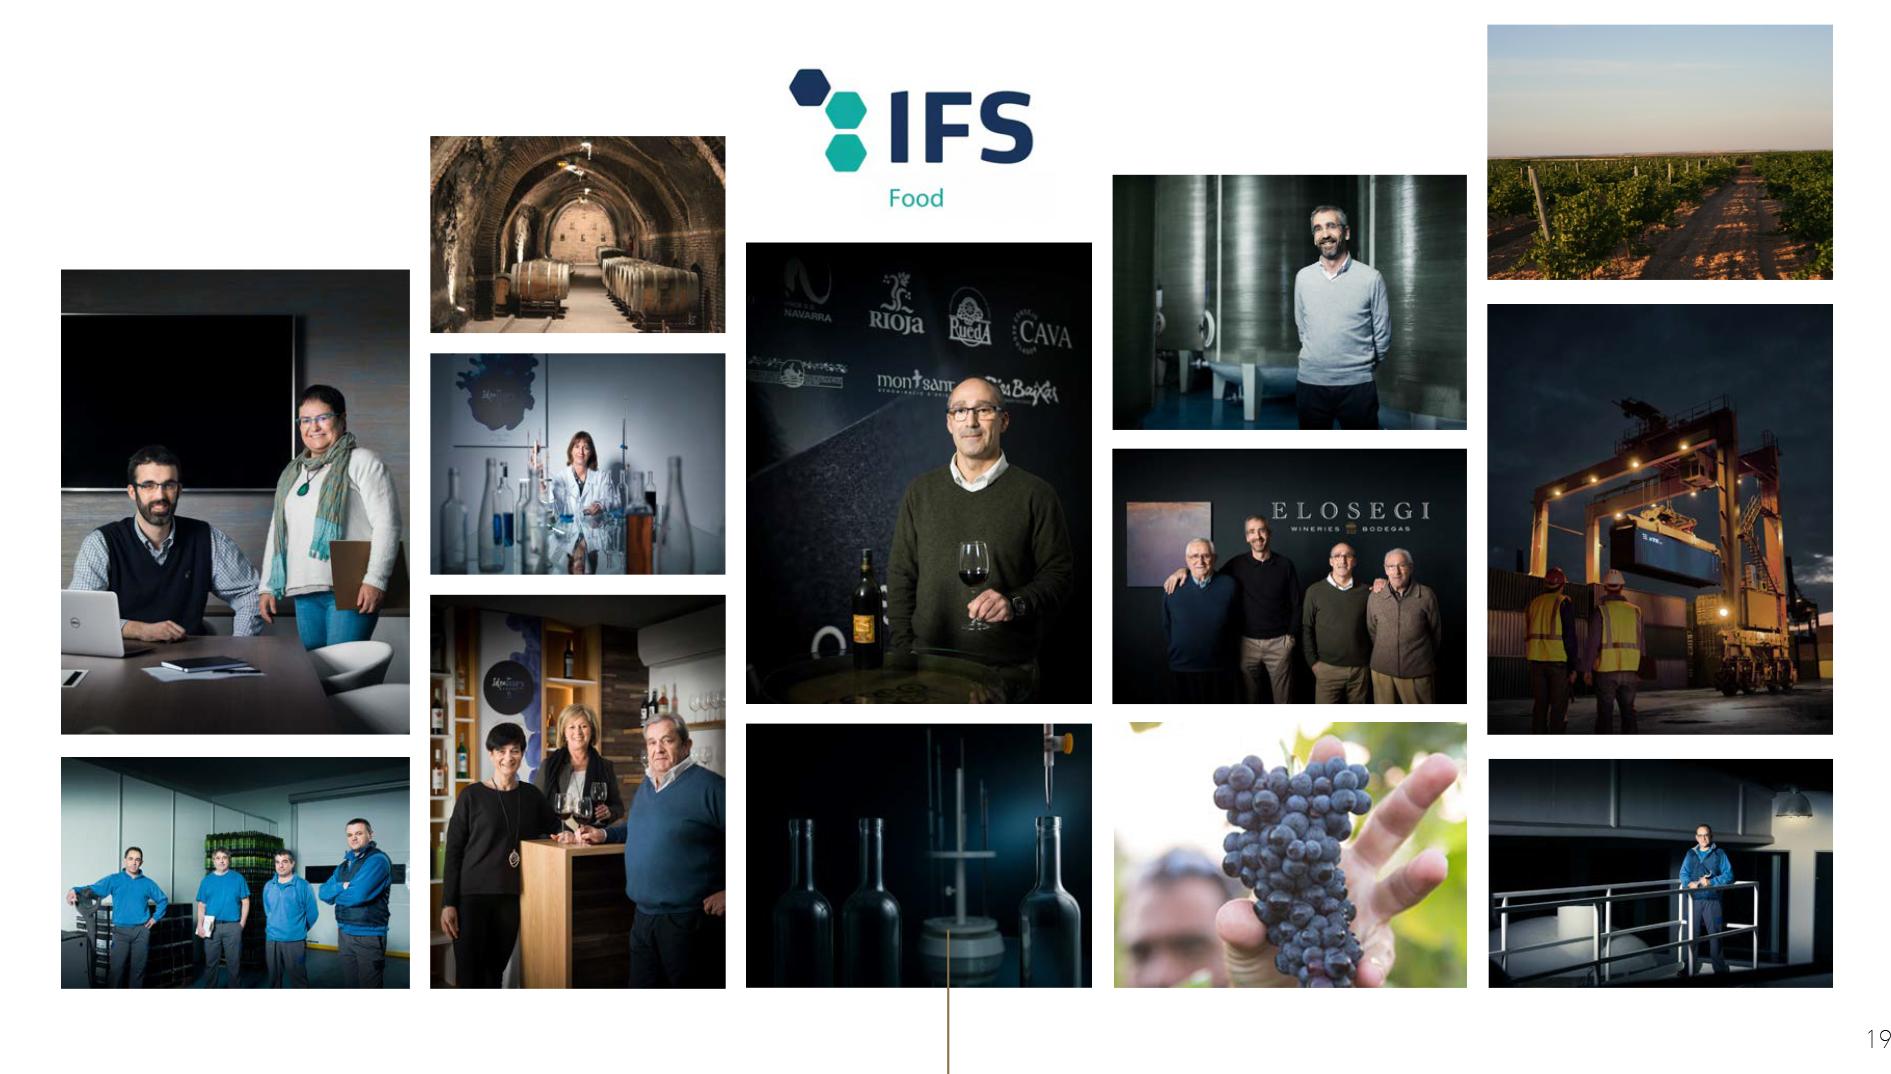 Certificación IFS: Aseguramos la calidad alimentaria